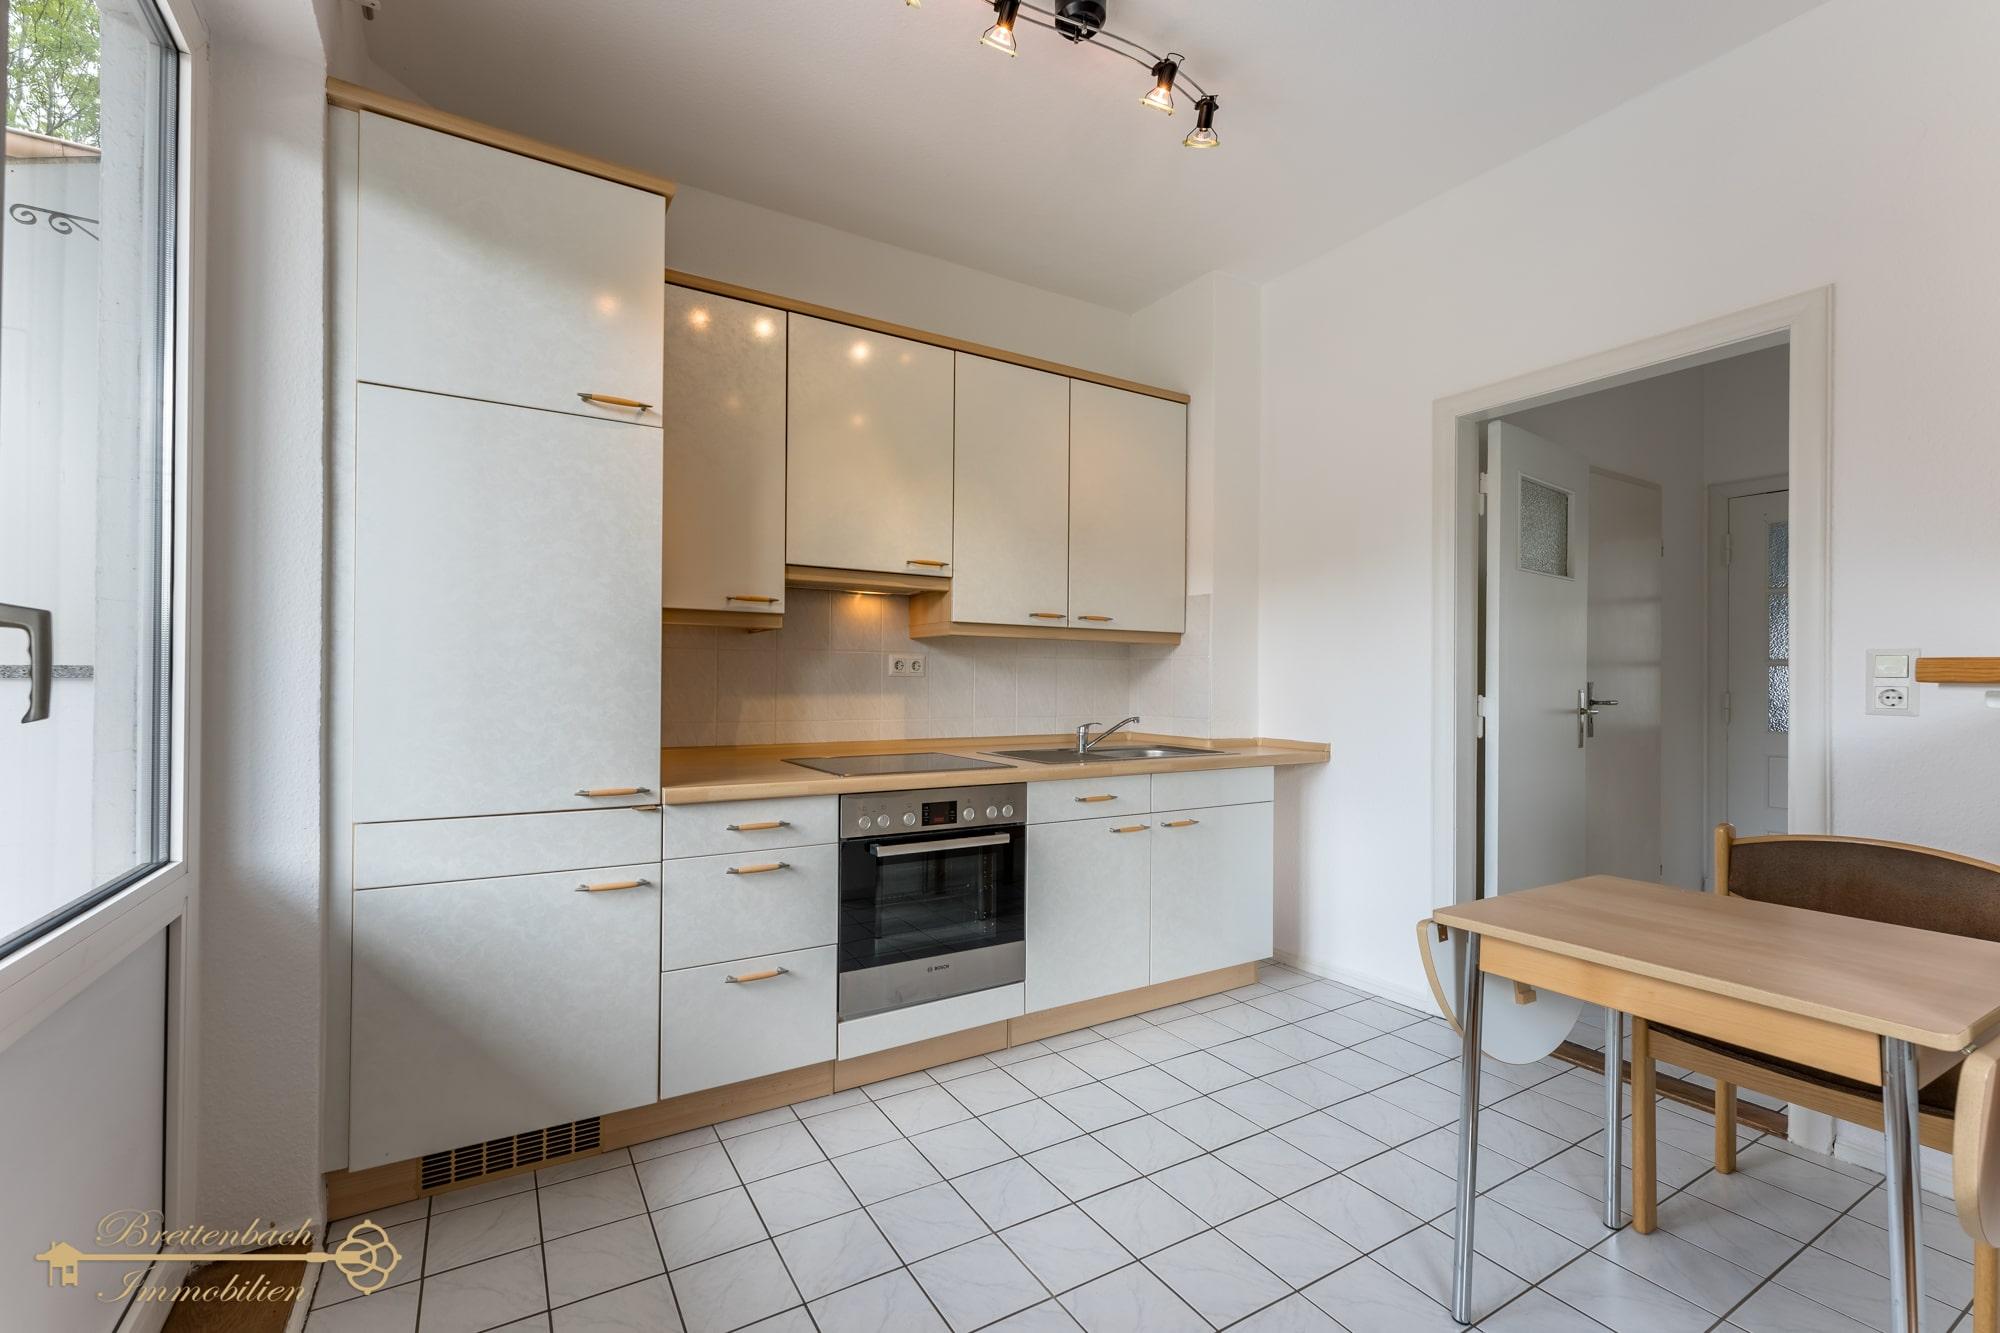 2021-05-29-Breitenbach-Immobilien-Makler-Bremen-9-min